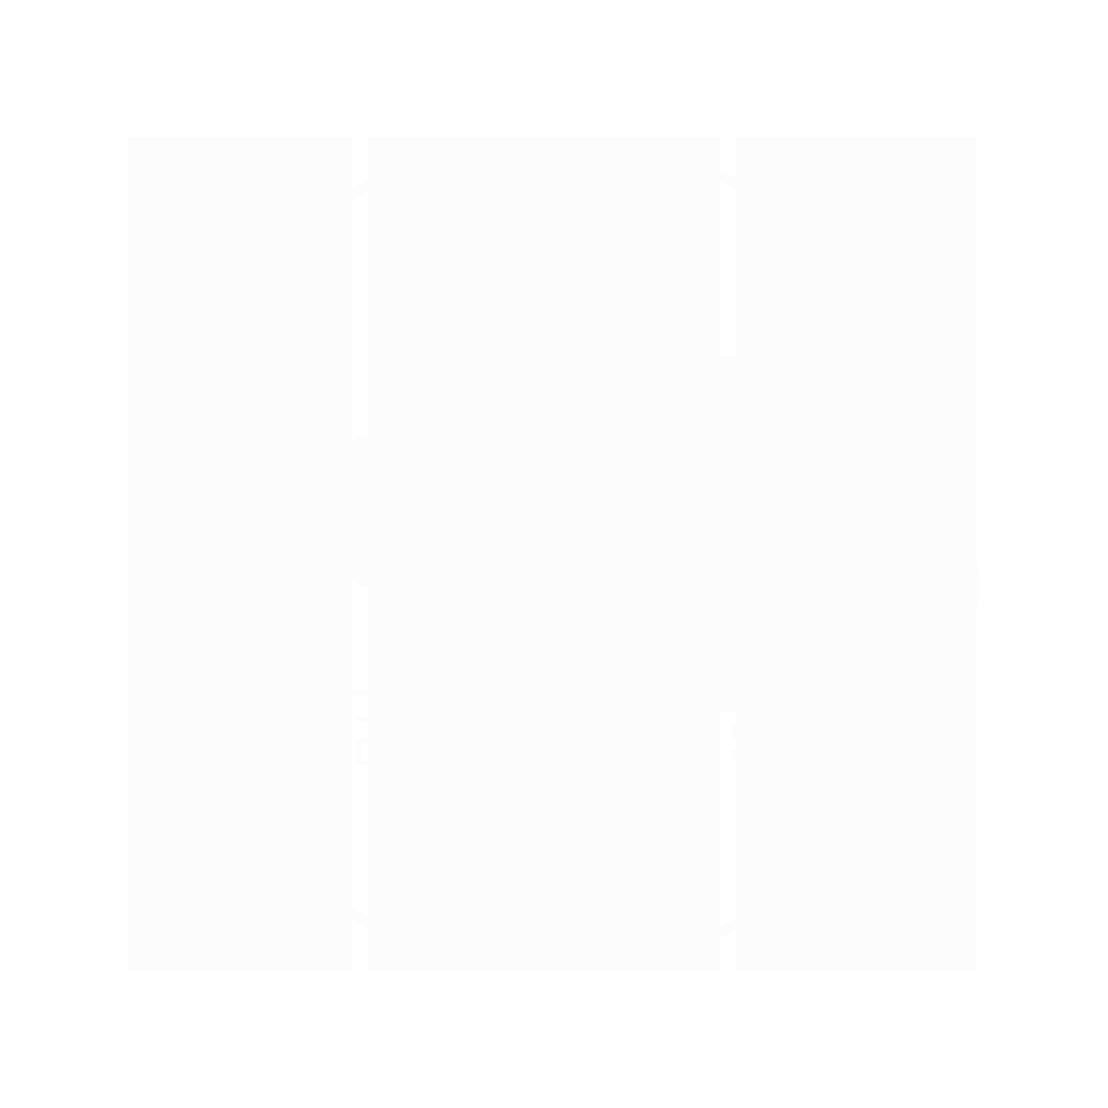 LAS BURRAS BEACHOUSE